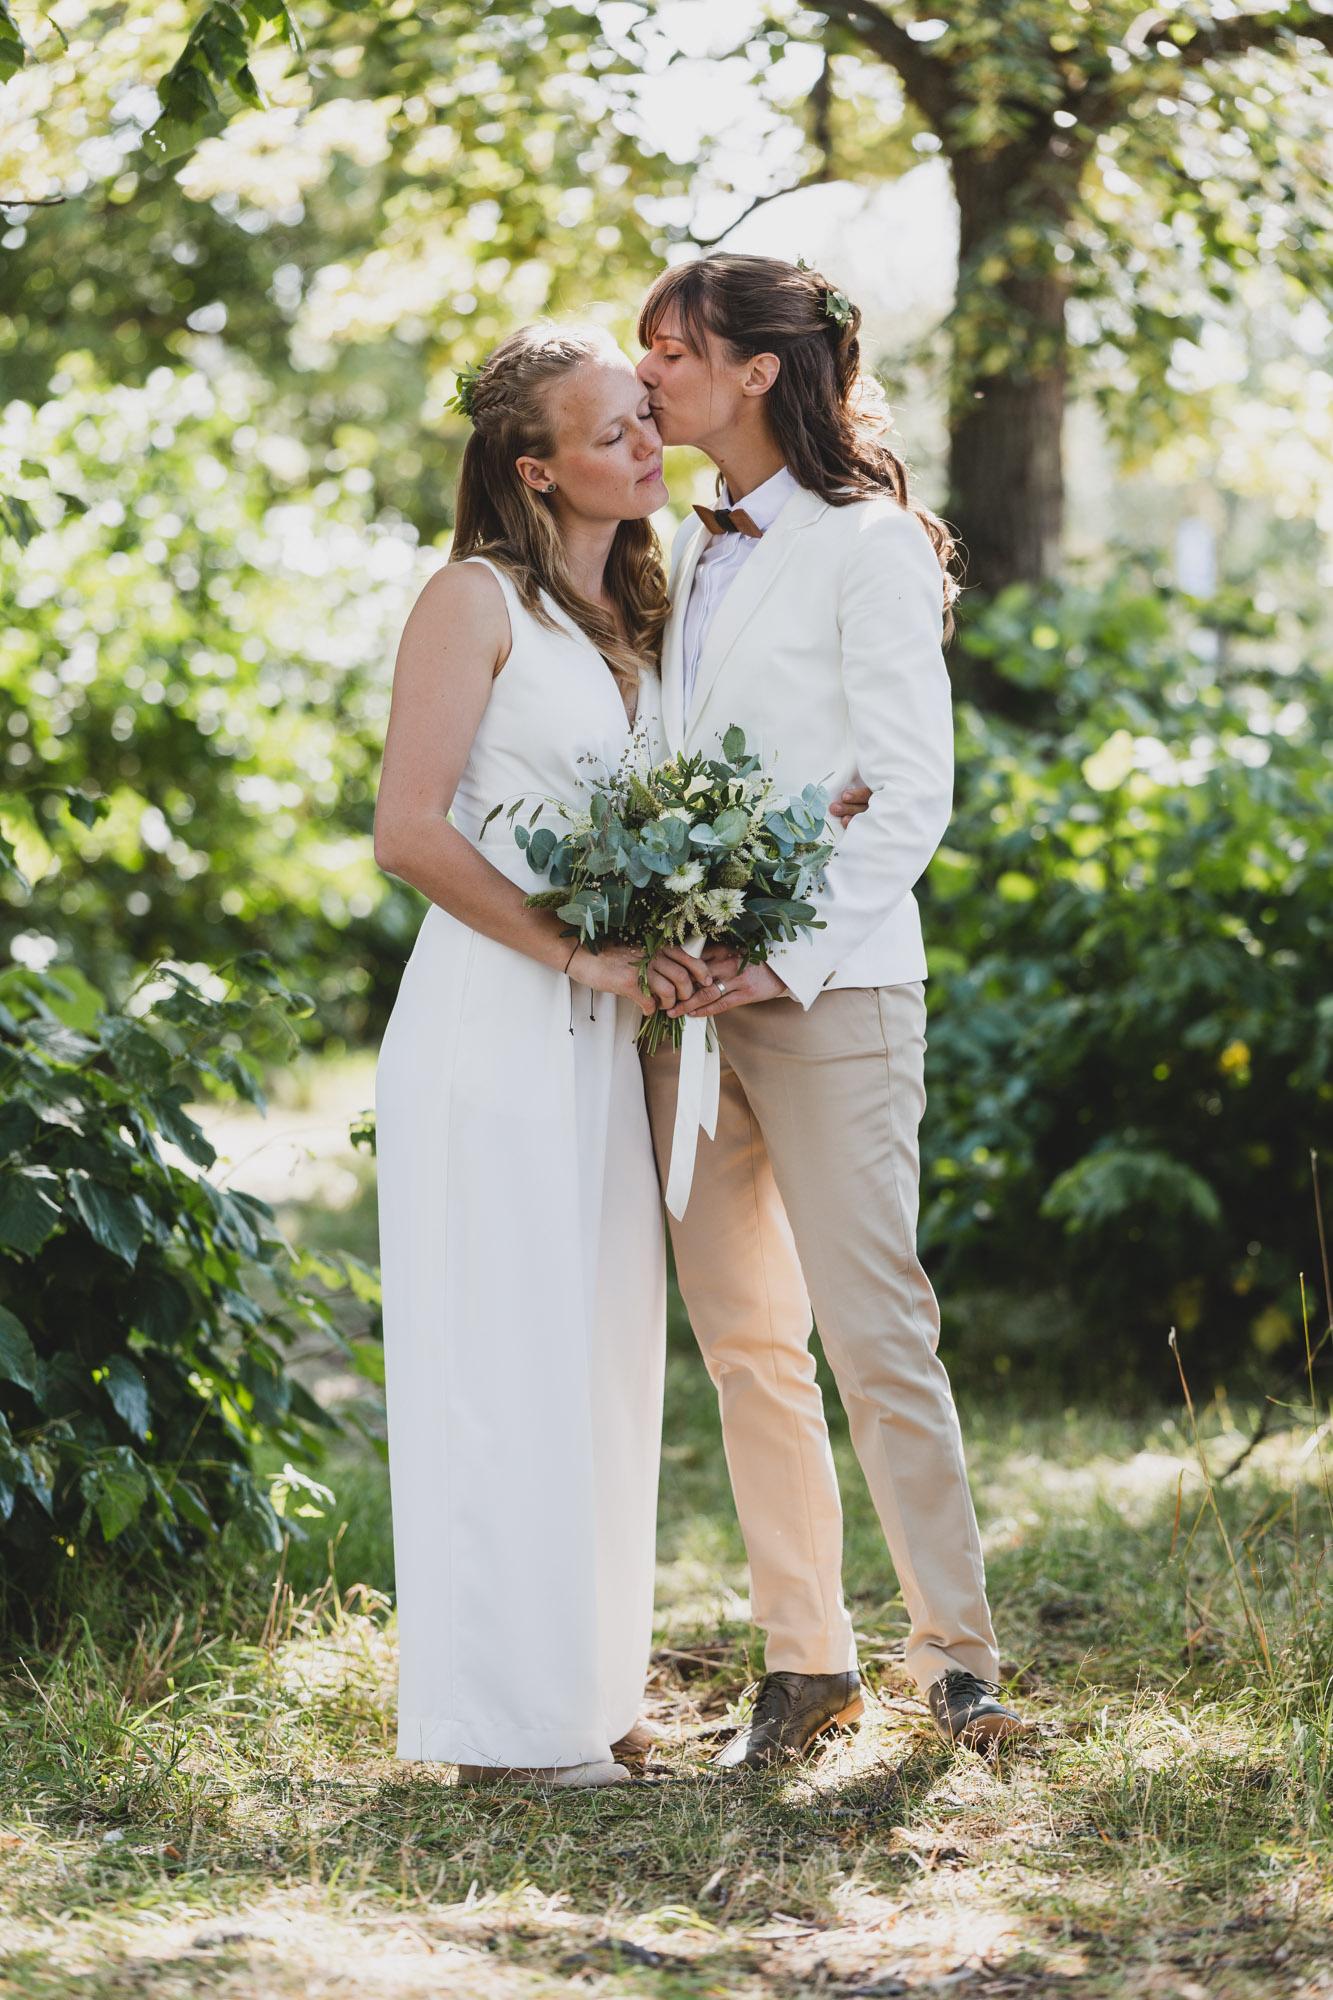 La oss feire kjærligheten - Bryllupsdagen er en av de viktigste dagene i livet, en dag fylt av glede, tårer og kjærlighet. Jeg som fotograf er der for å dokumentere de store og små øyeblikkene, og fange følelsen av dagen. Min visjon er å fange stemningen og de naturlig øyeblikkene. Den ekte følelsen av dagen og kjærligheten som feires. Sånn at når bildene kommer vil dere ikke bare kjenne igjen situasjonen, men hvordan det føltes der og da. Dette er bilder dere skal ha glede av resten av livet.